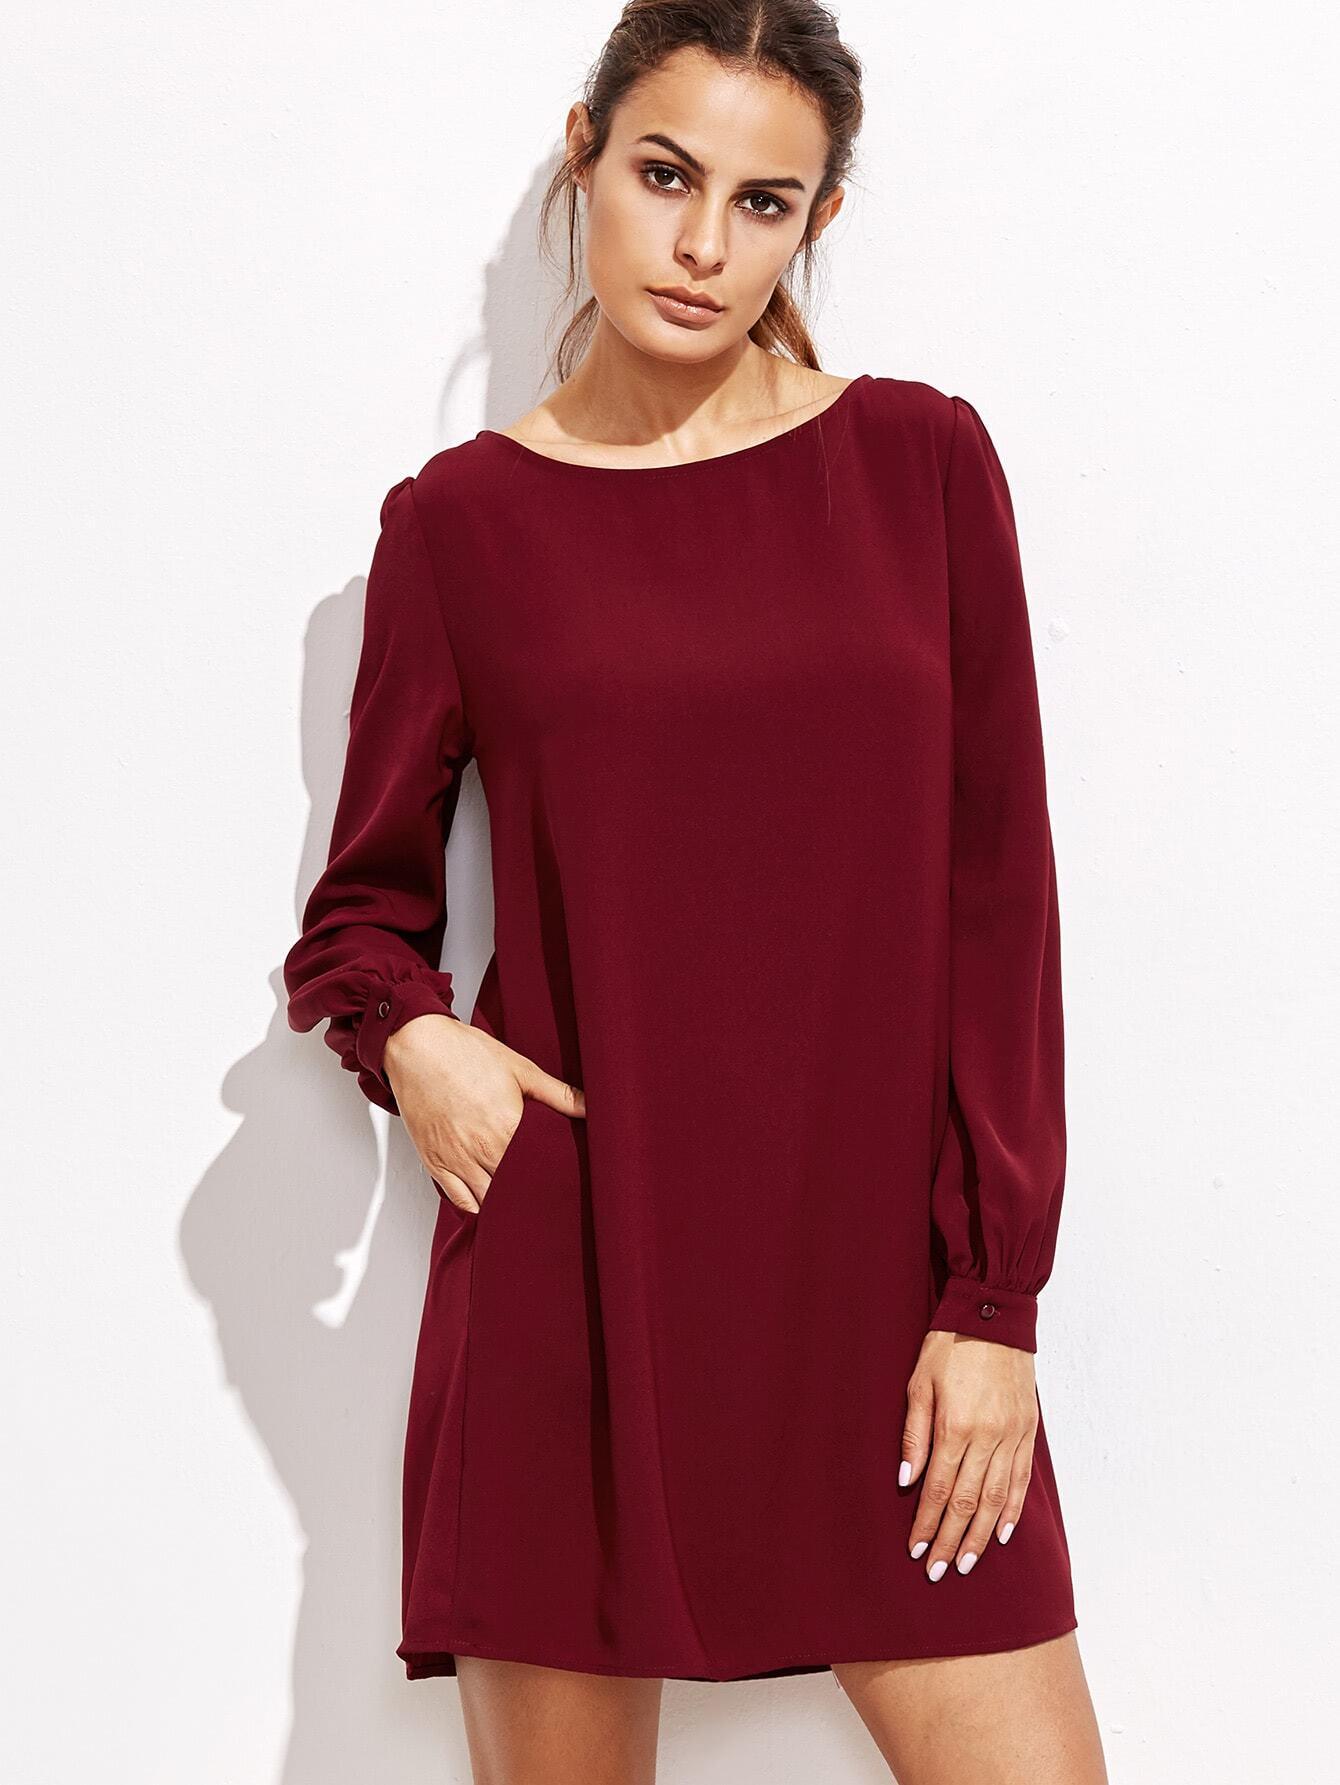 Bishop Swing-Skirt  Dress